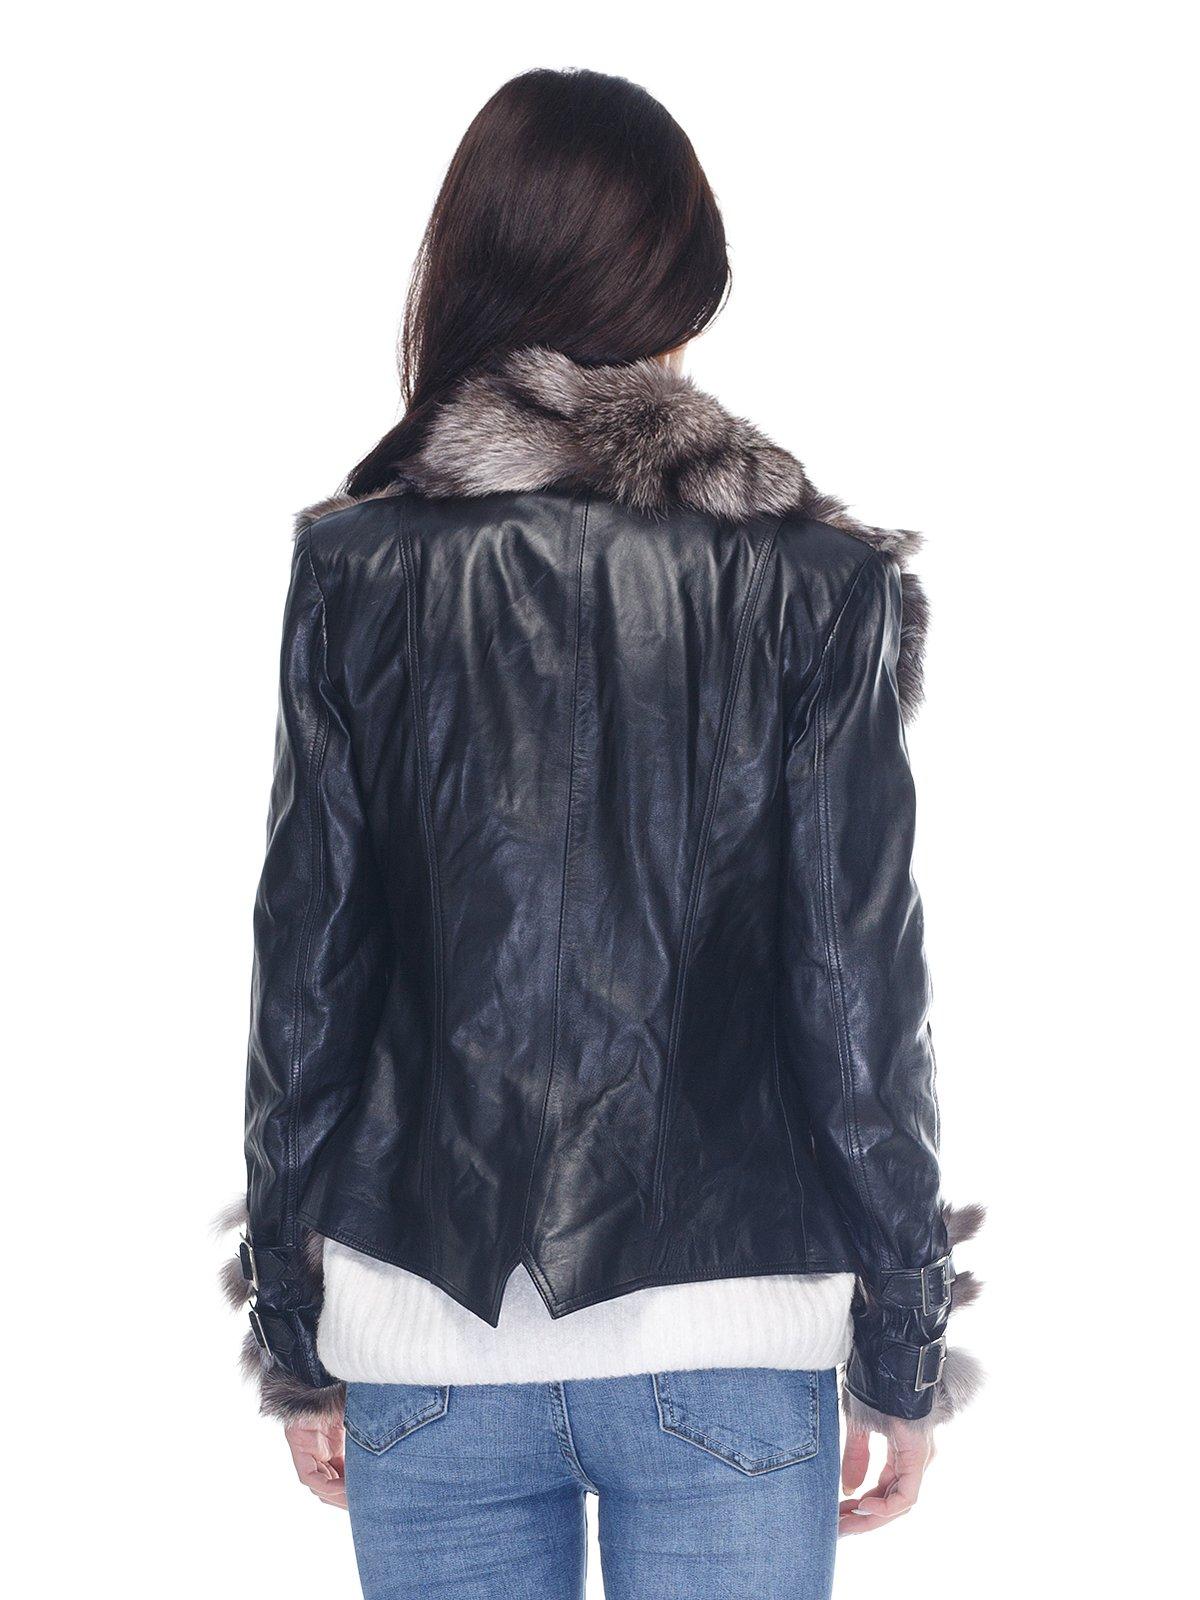 Куртка чорна з коміром з хутра чорнобуркиї | 2973735 | фото 2